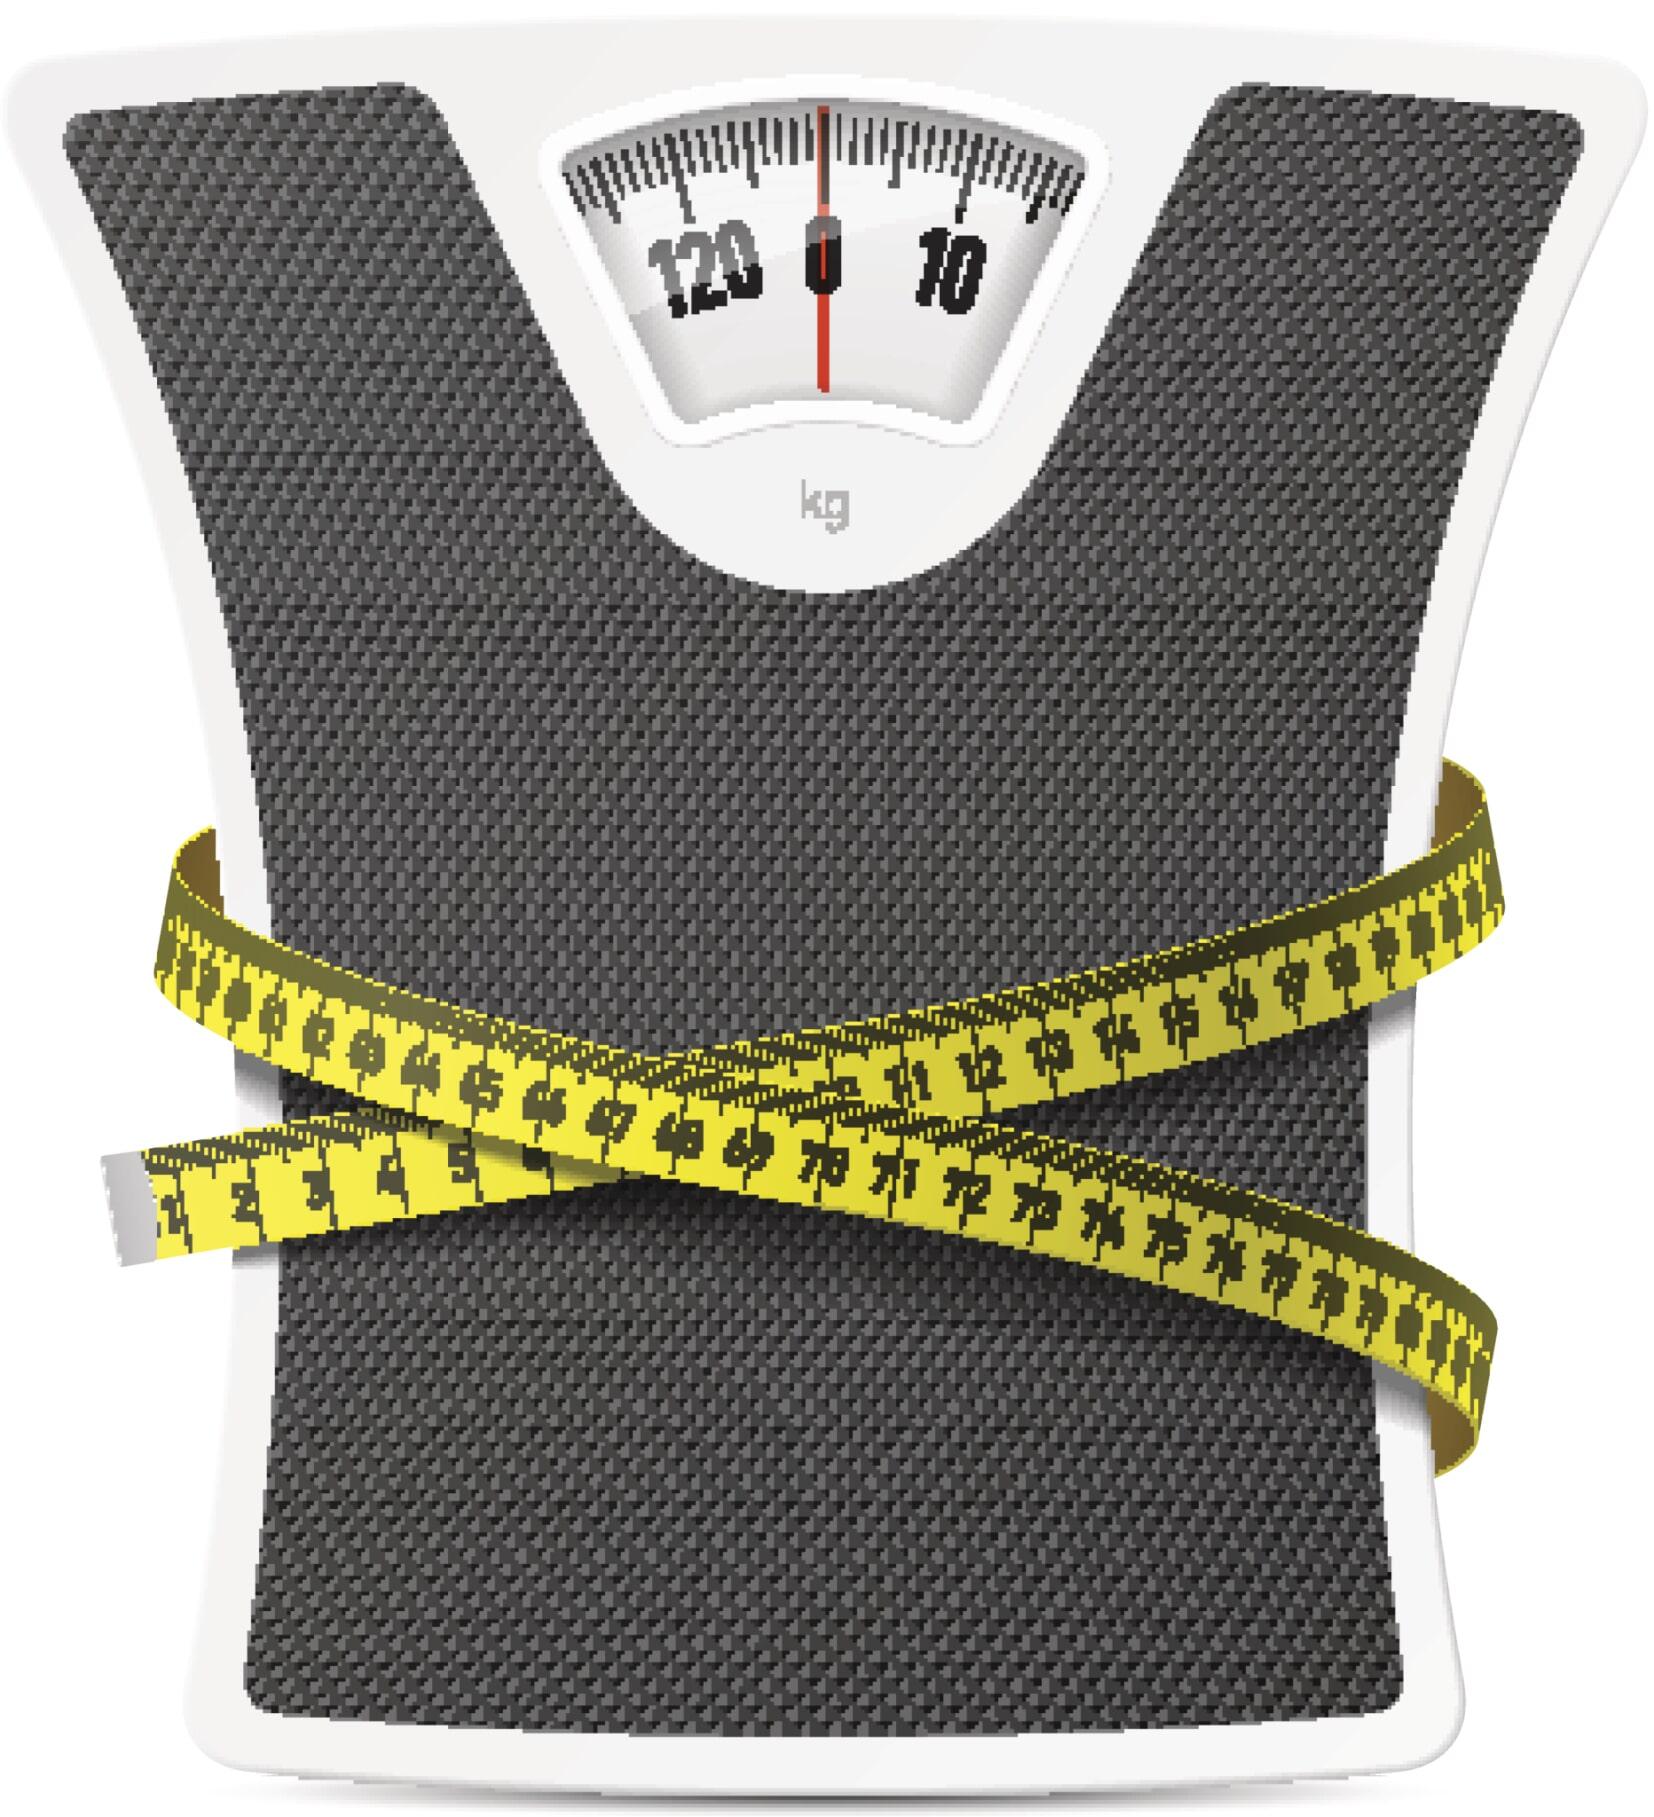 Weight Loss Eft Script